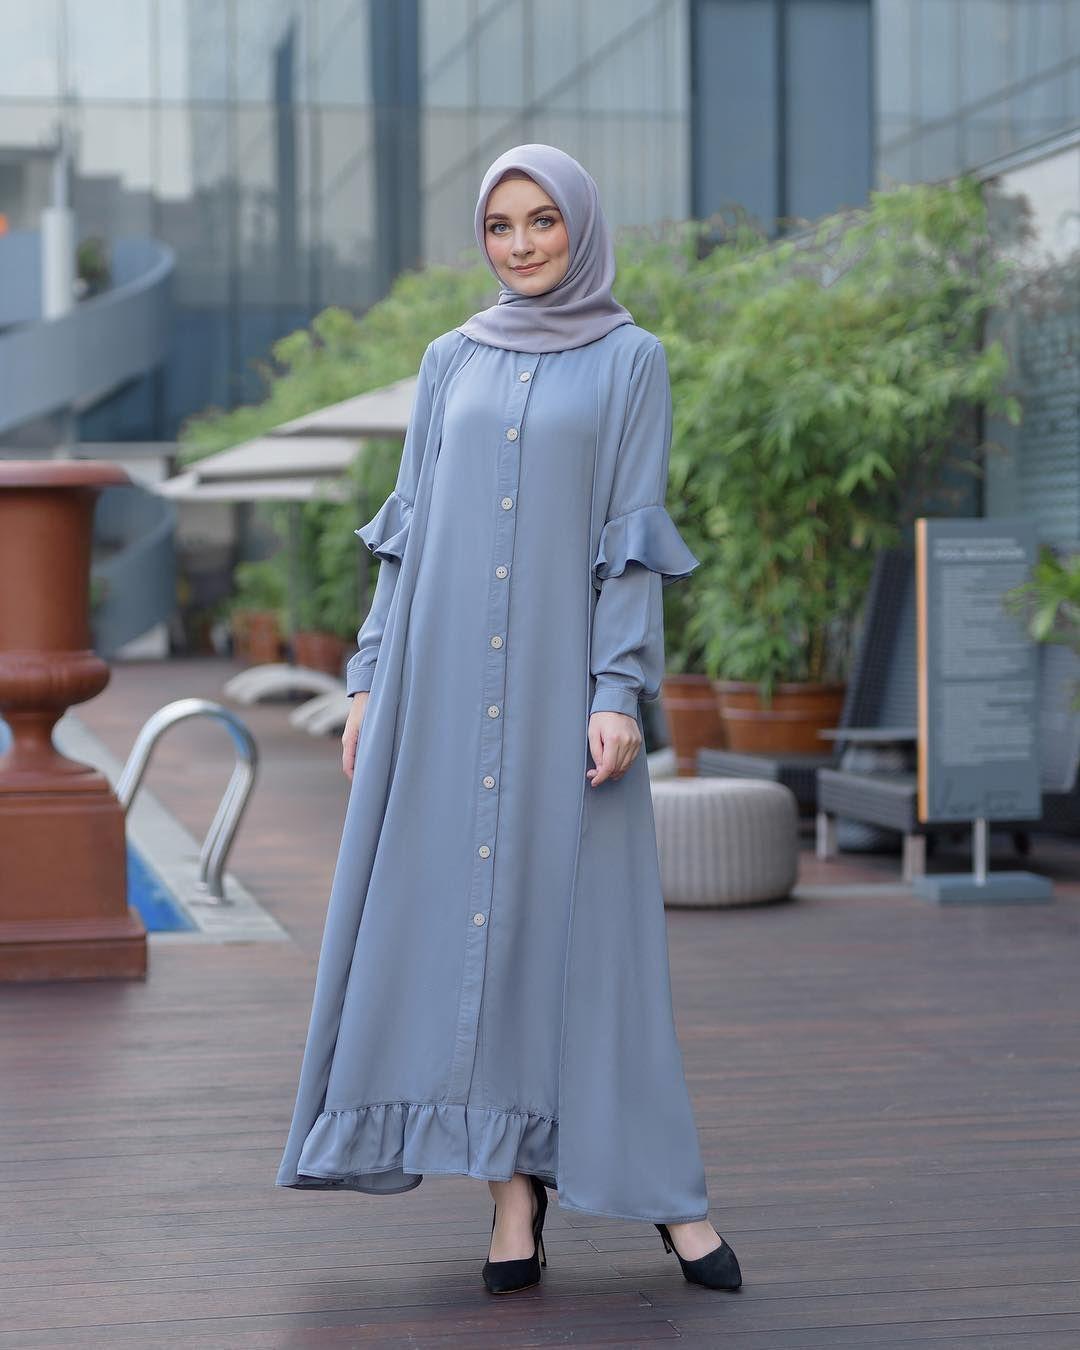 ملابس محجبات  8+ ideas on Pinterest  hijab fashion, muslim